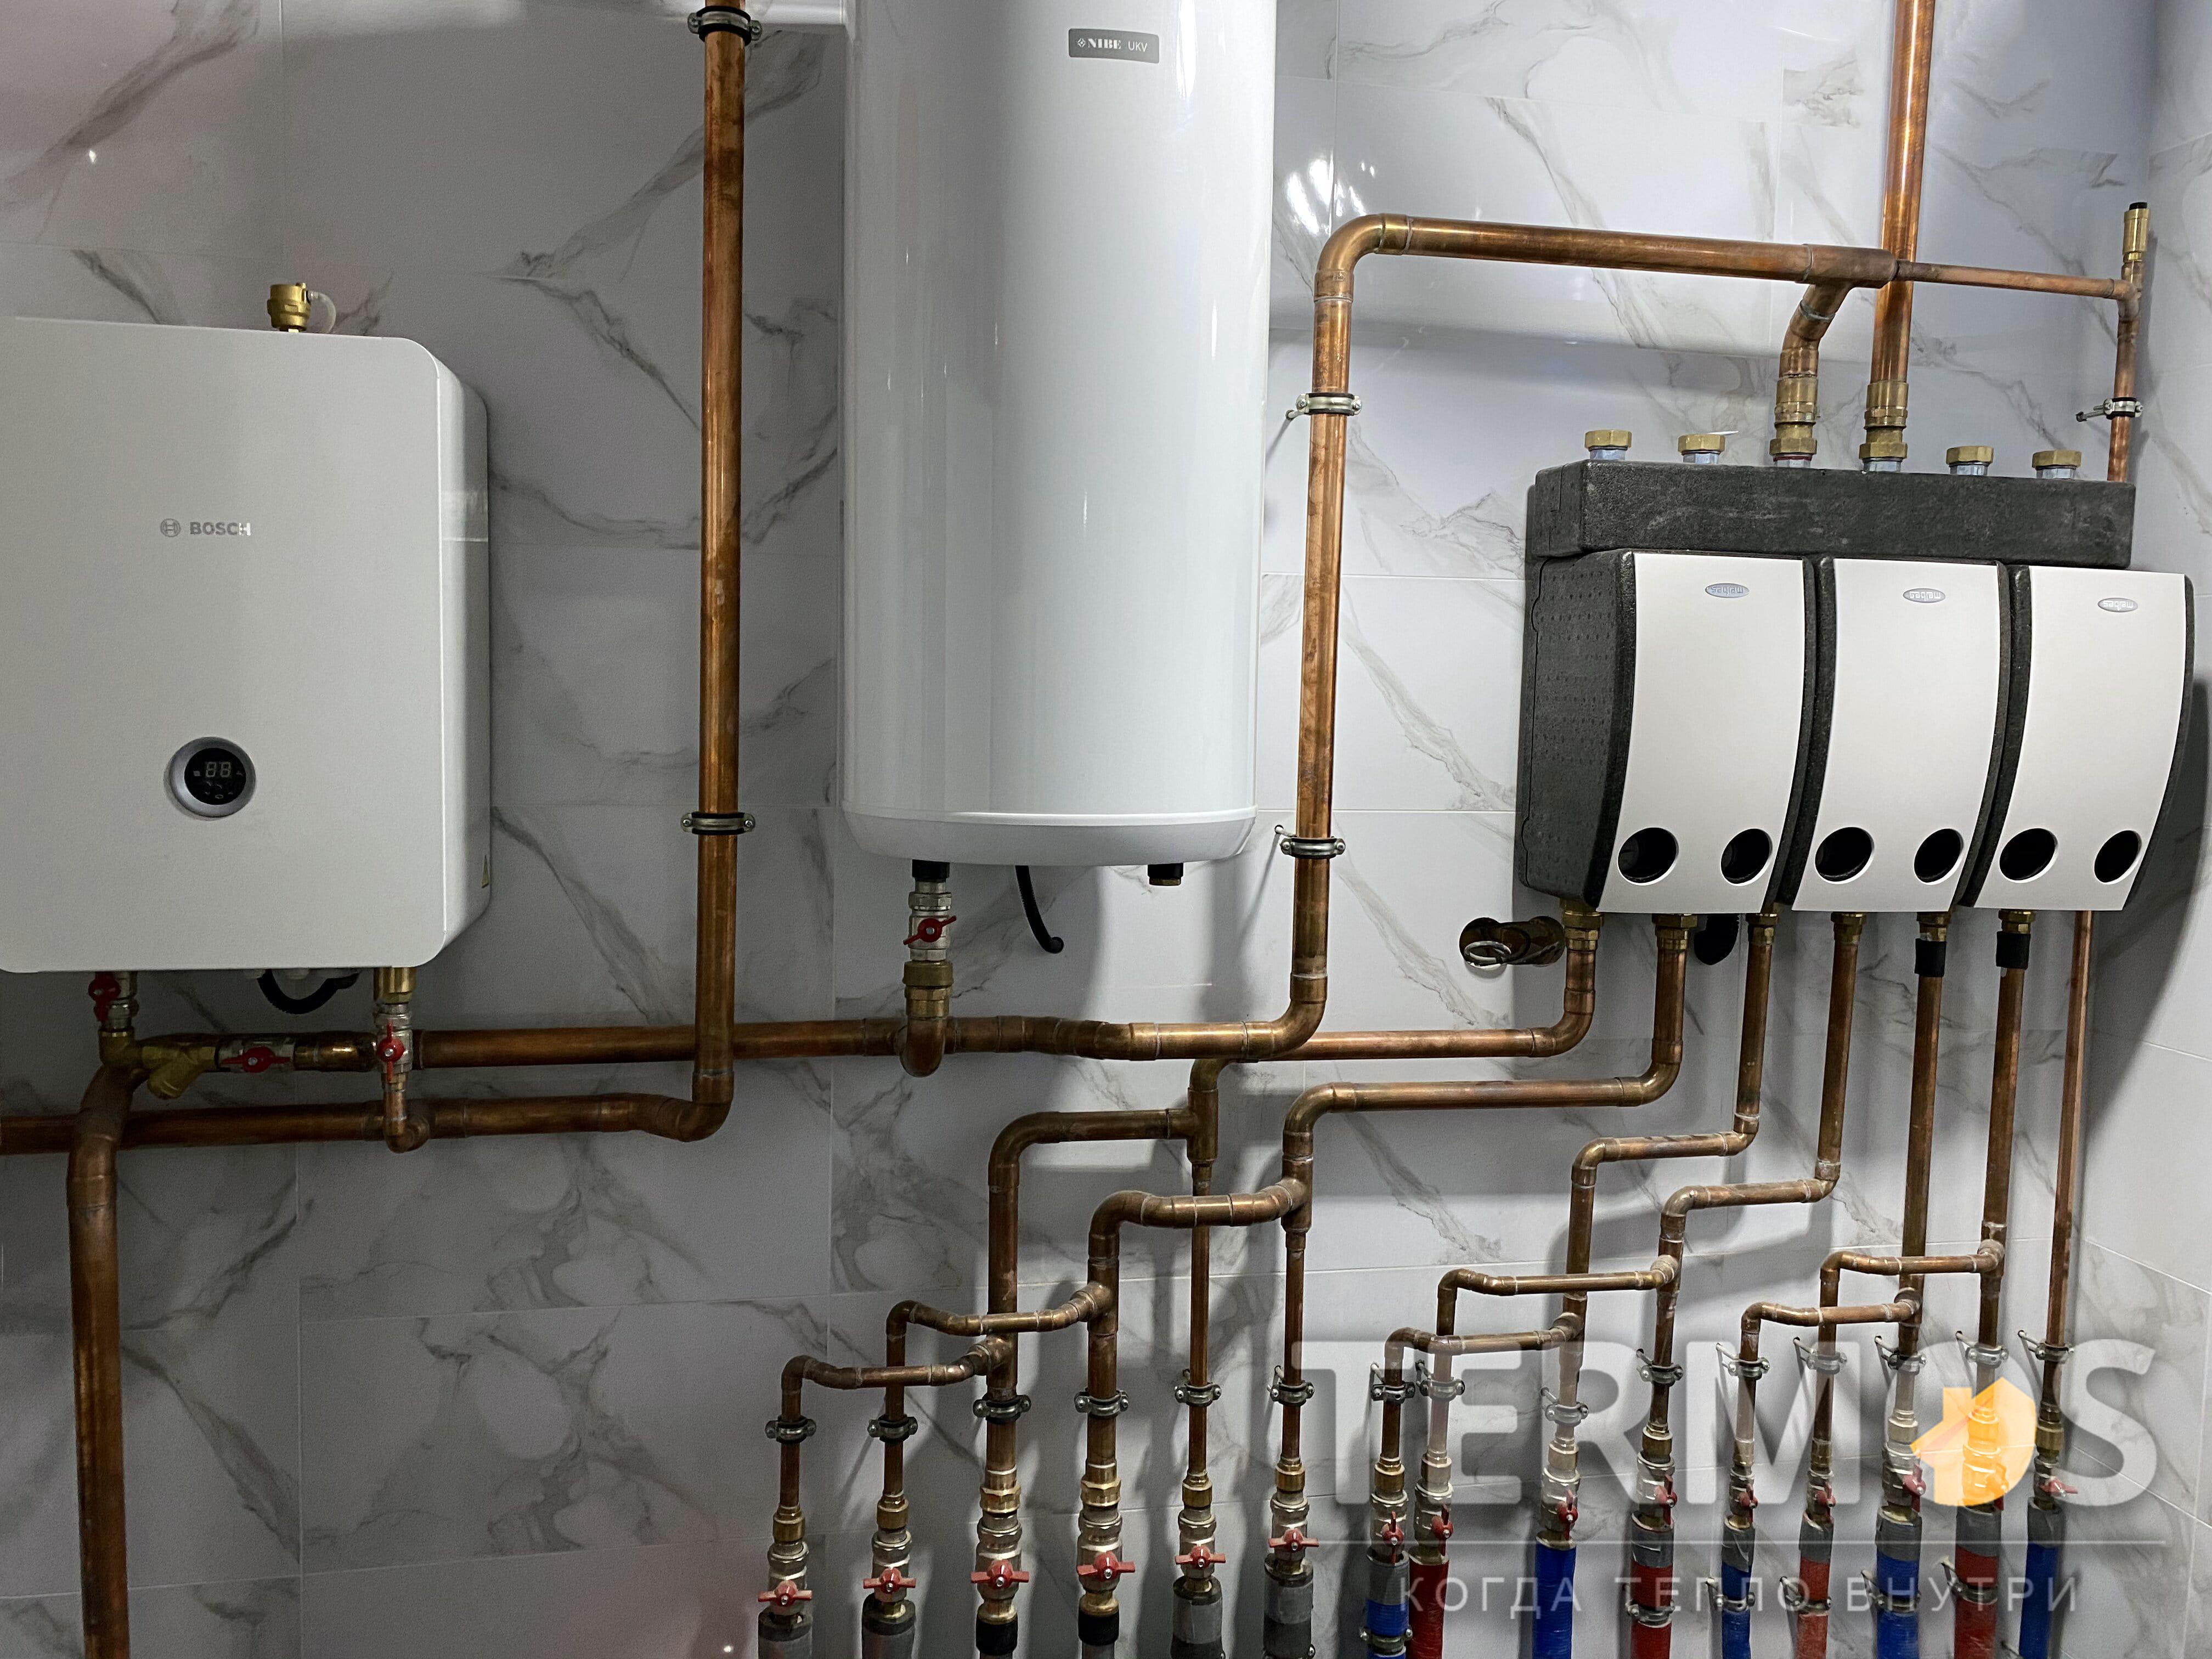 Функции нагрева: отопление дома радиаторами, фанкойлами, теплым полом, приготовление горячей воды в 500 л бойлере, автоматический нагрев наружного бассейна, контроль и управление через интернет